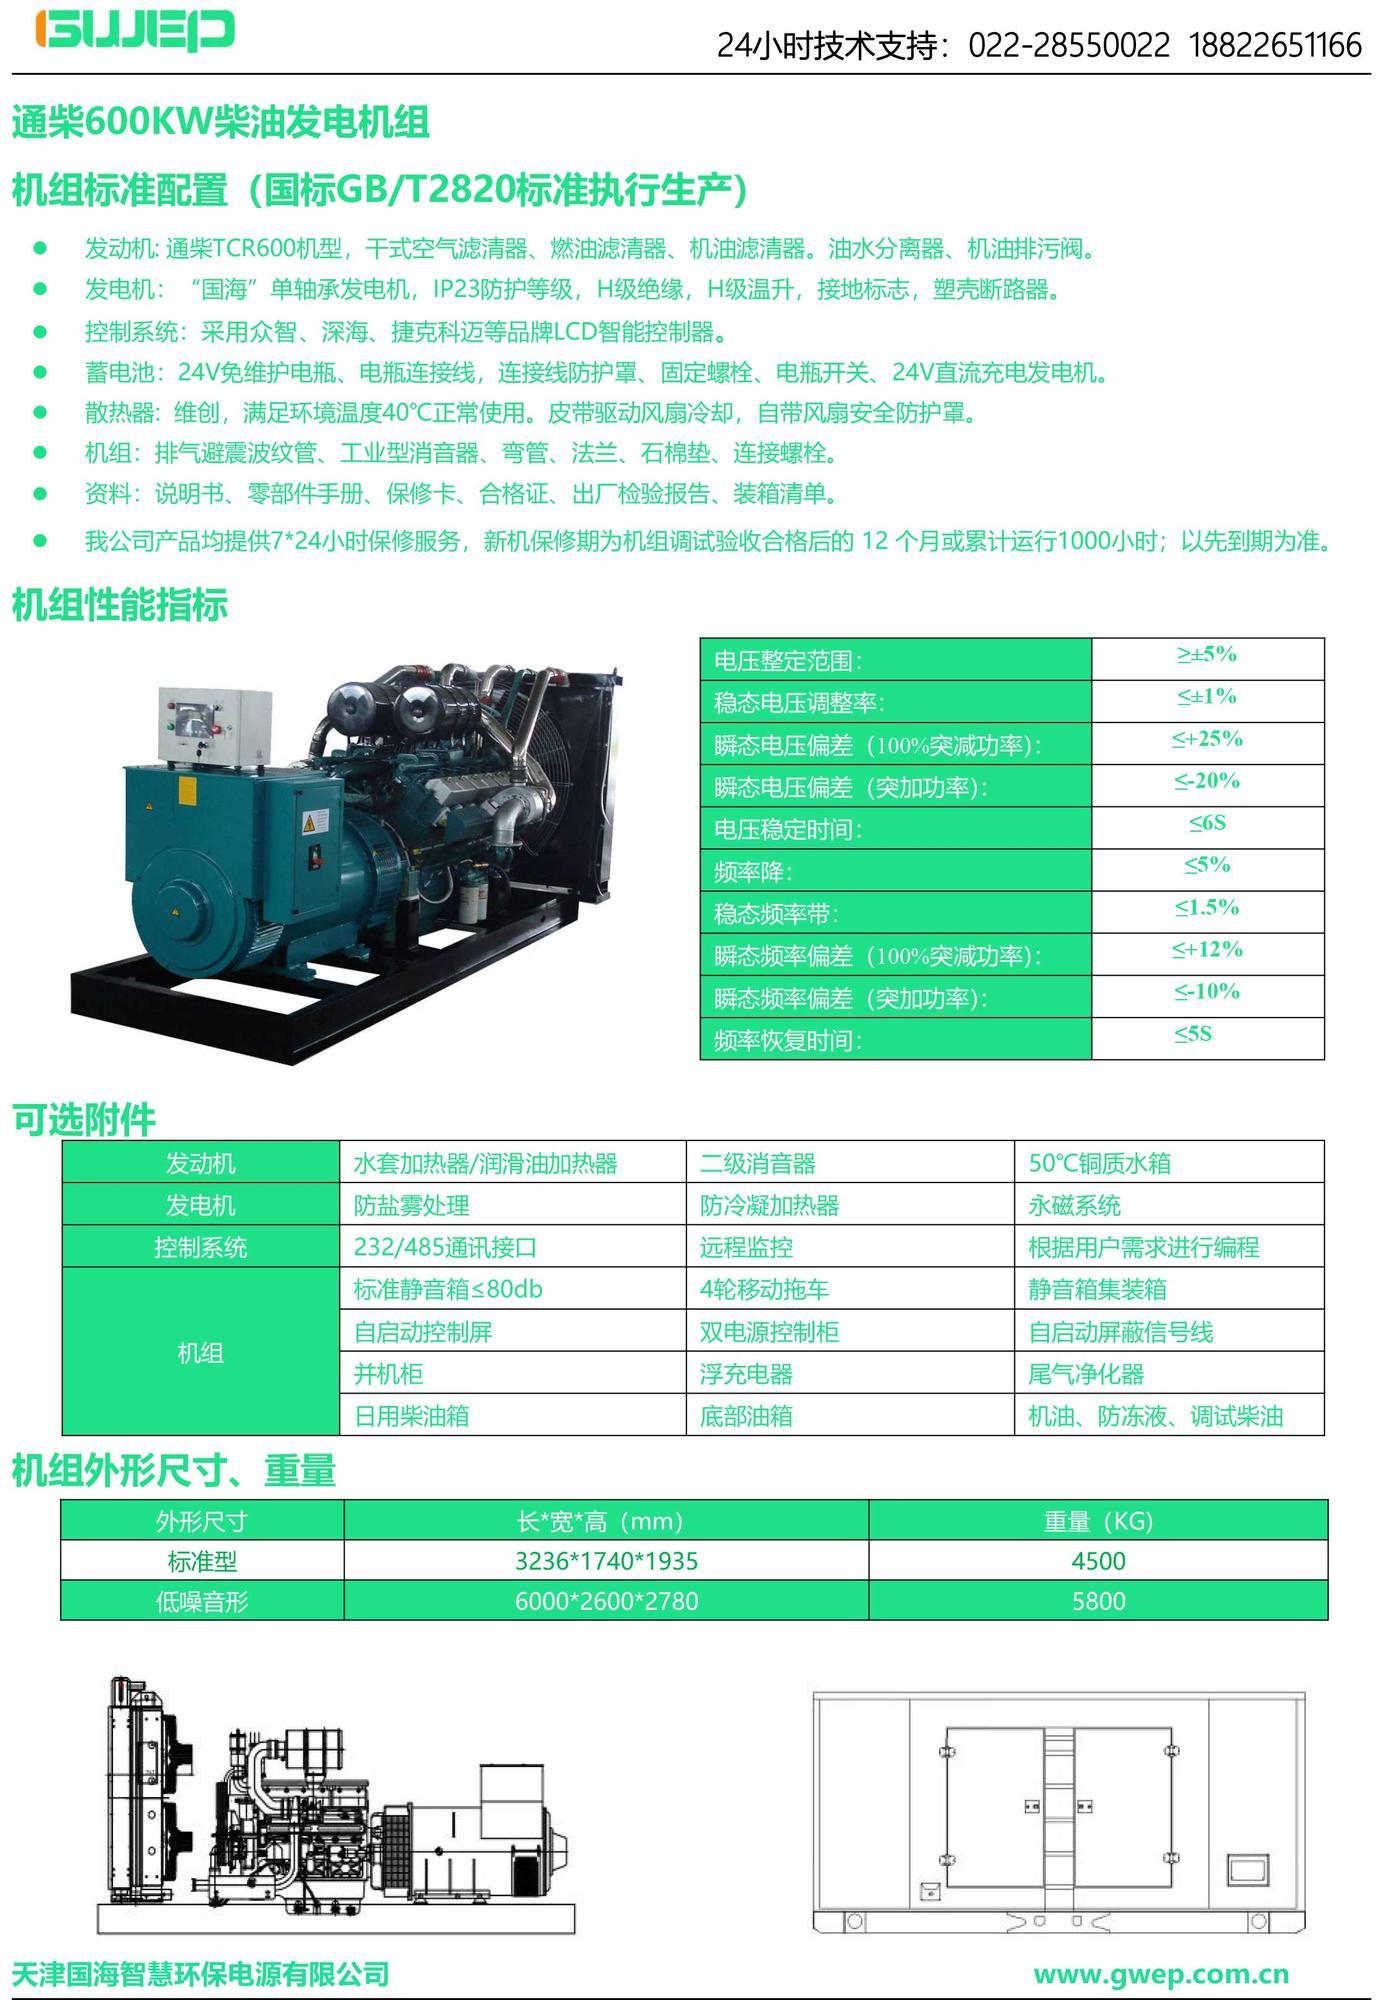 通柴600KW发电机组技术资料-1 - 副本.jpg